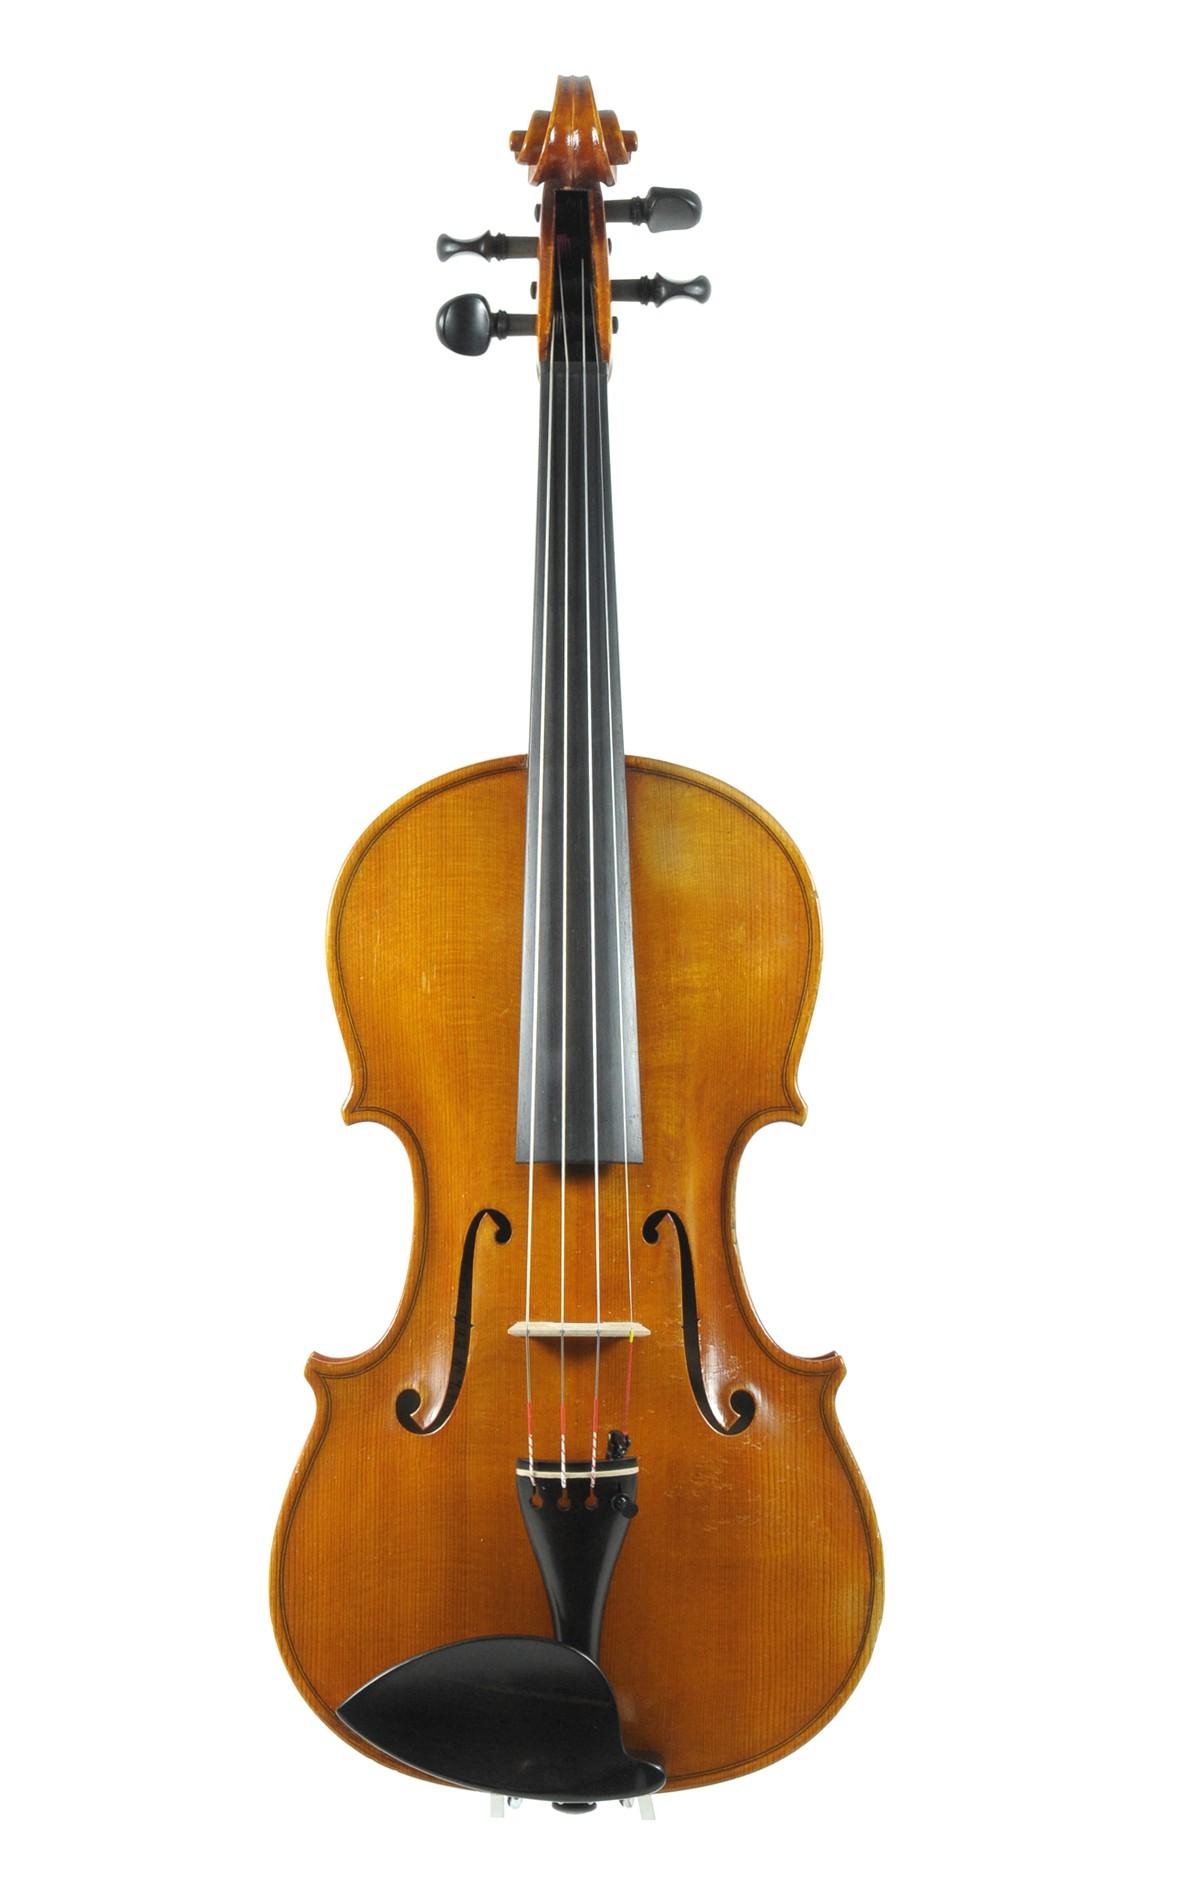 Berthold Specht, Jena, Violine 1923 - Decke